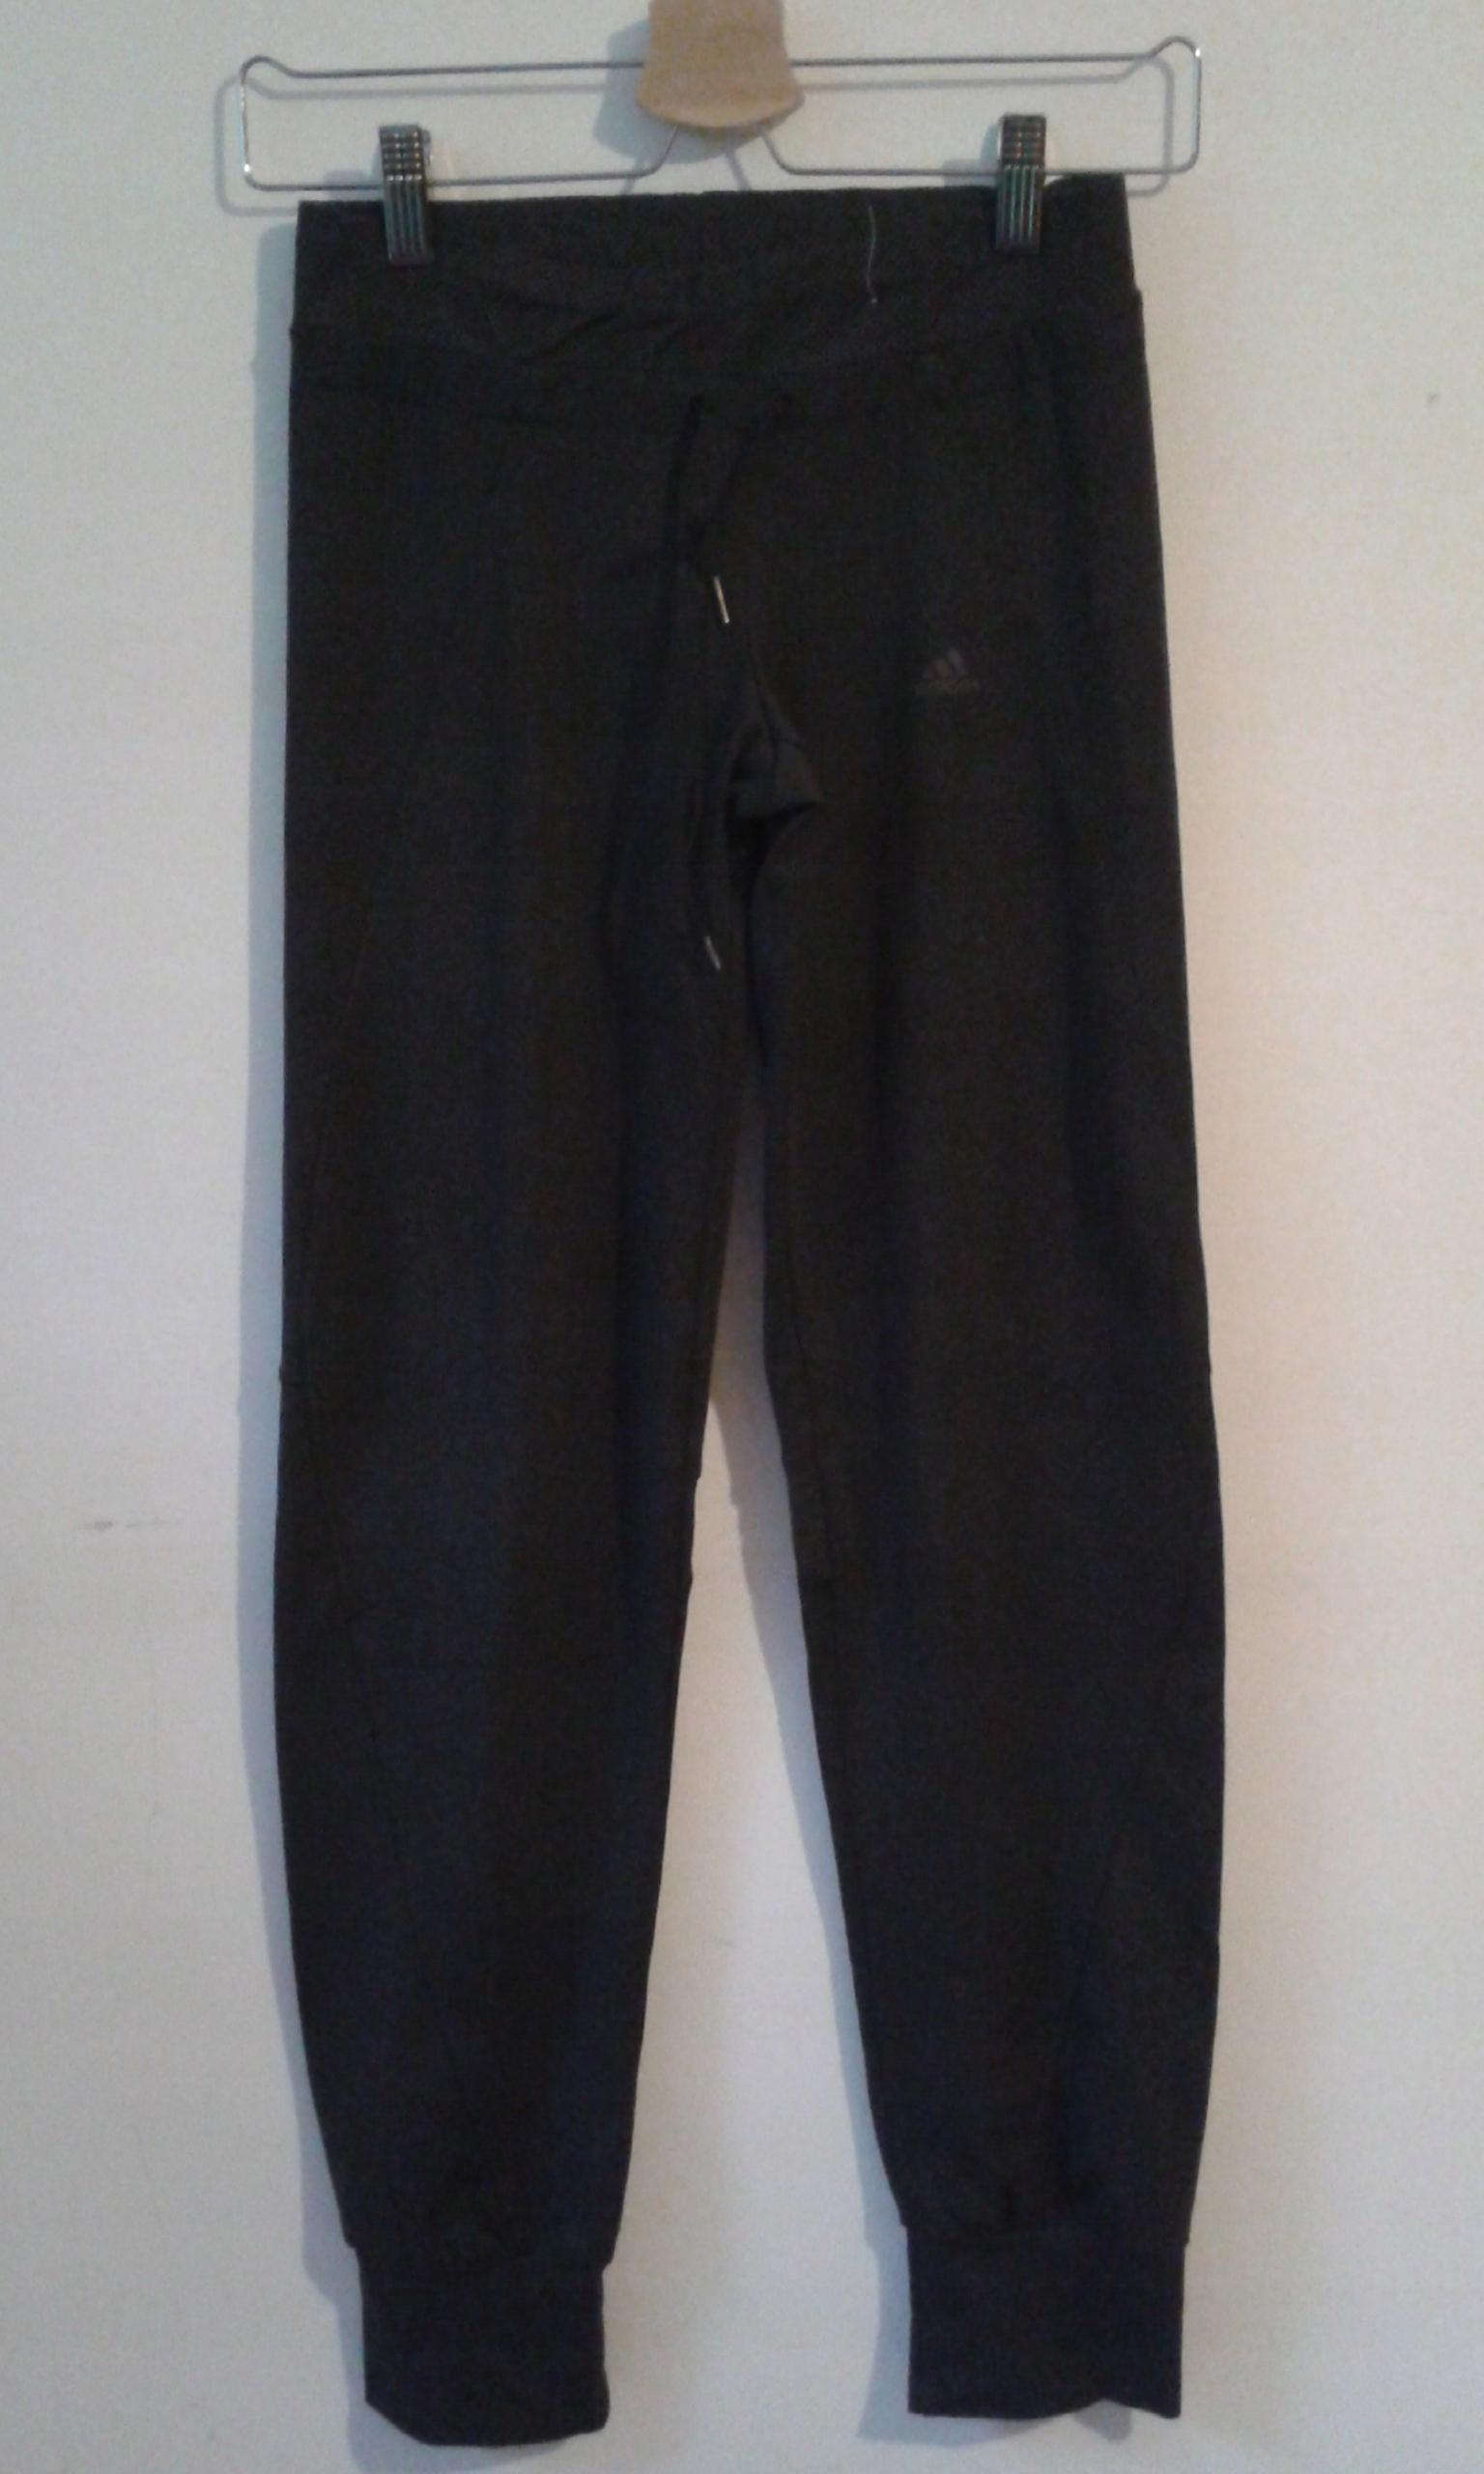 ADIDAS CLIMACOOL spodnie sportowe grafit S